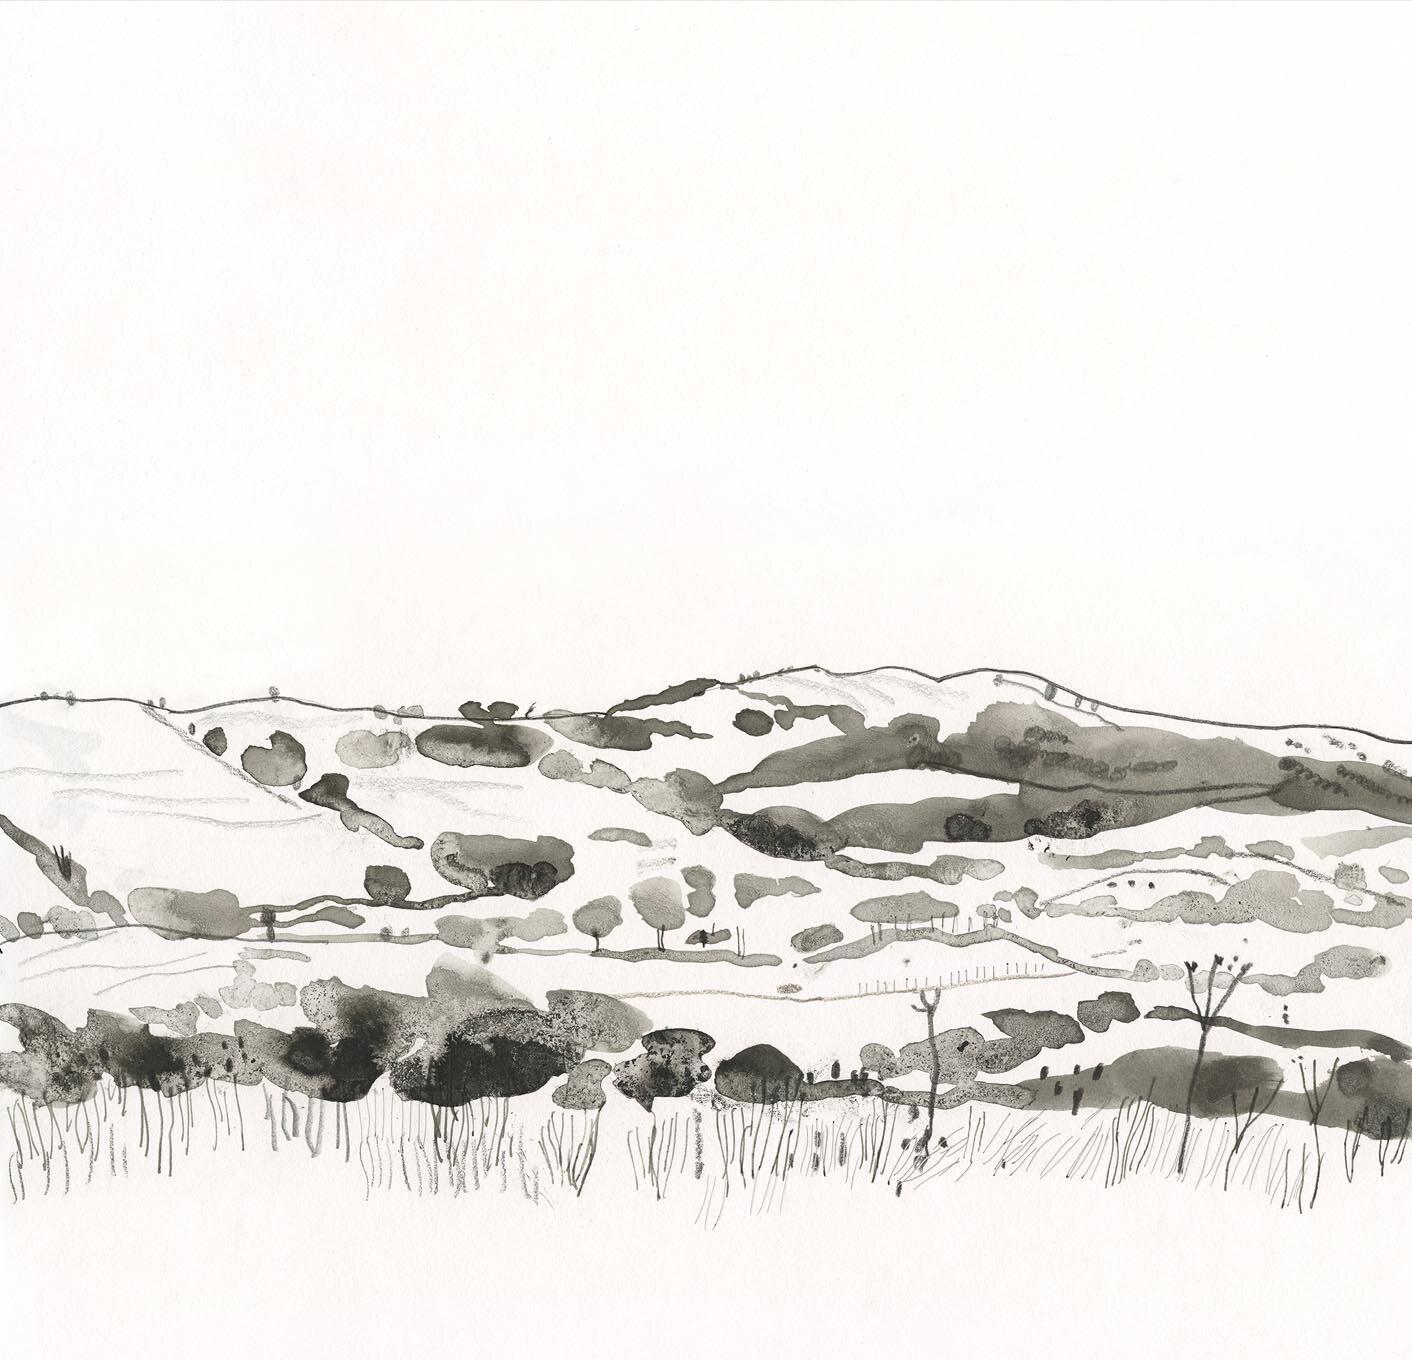 Dorset hills